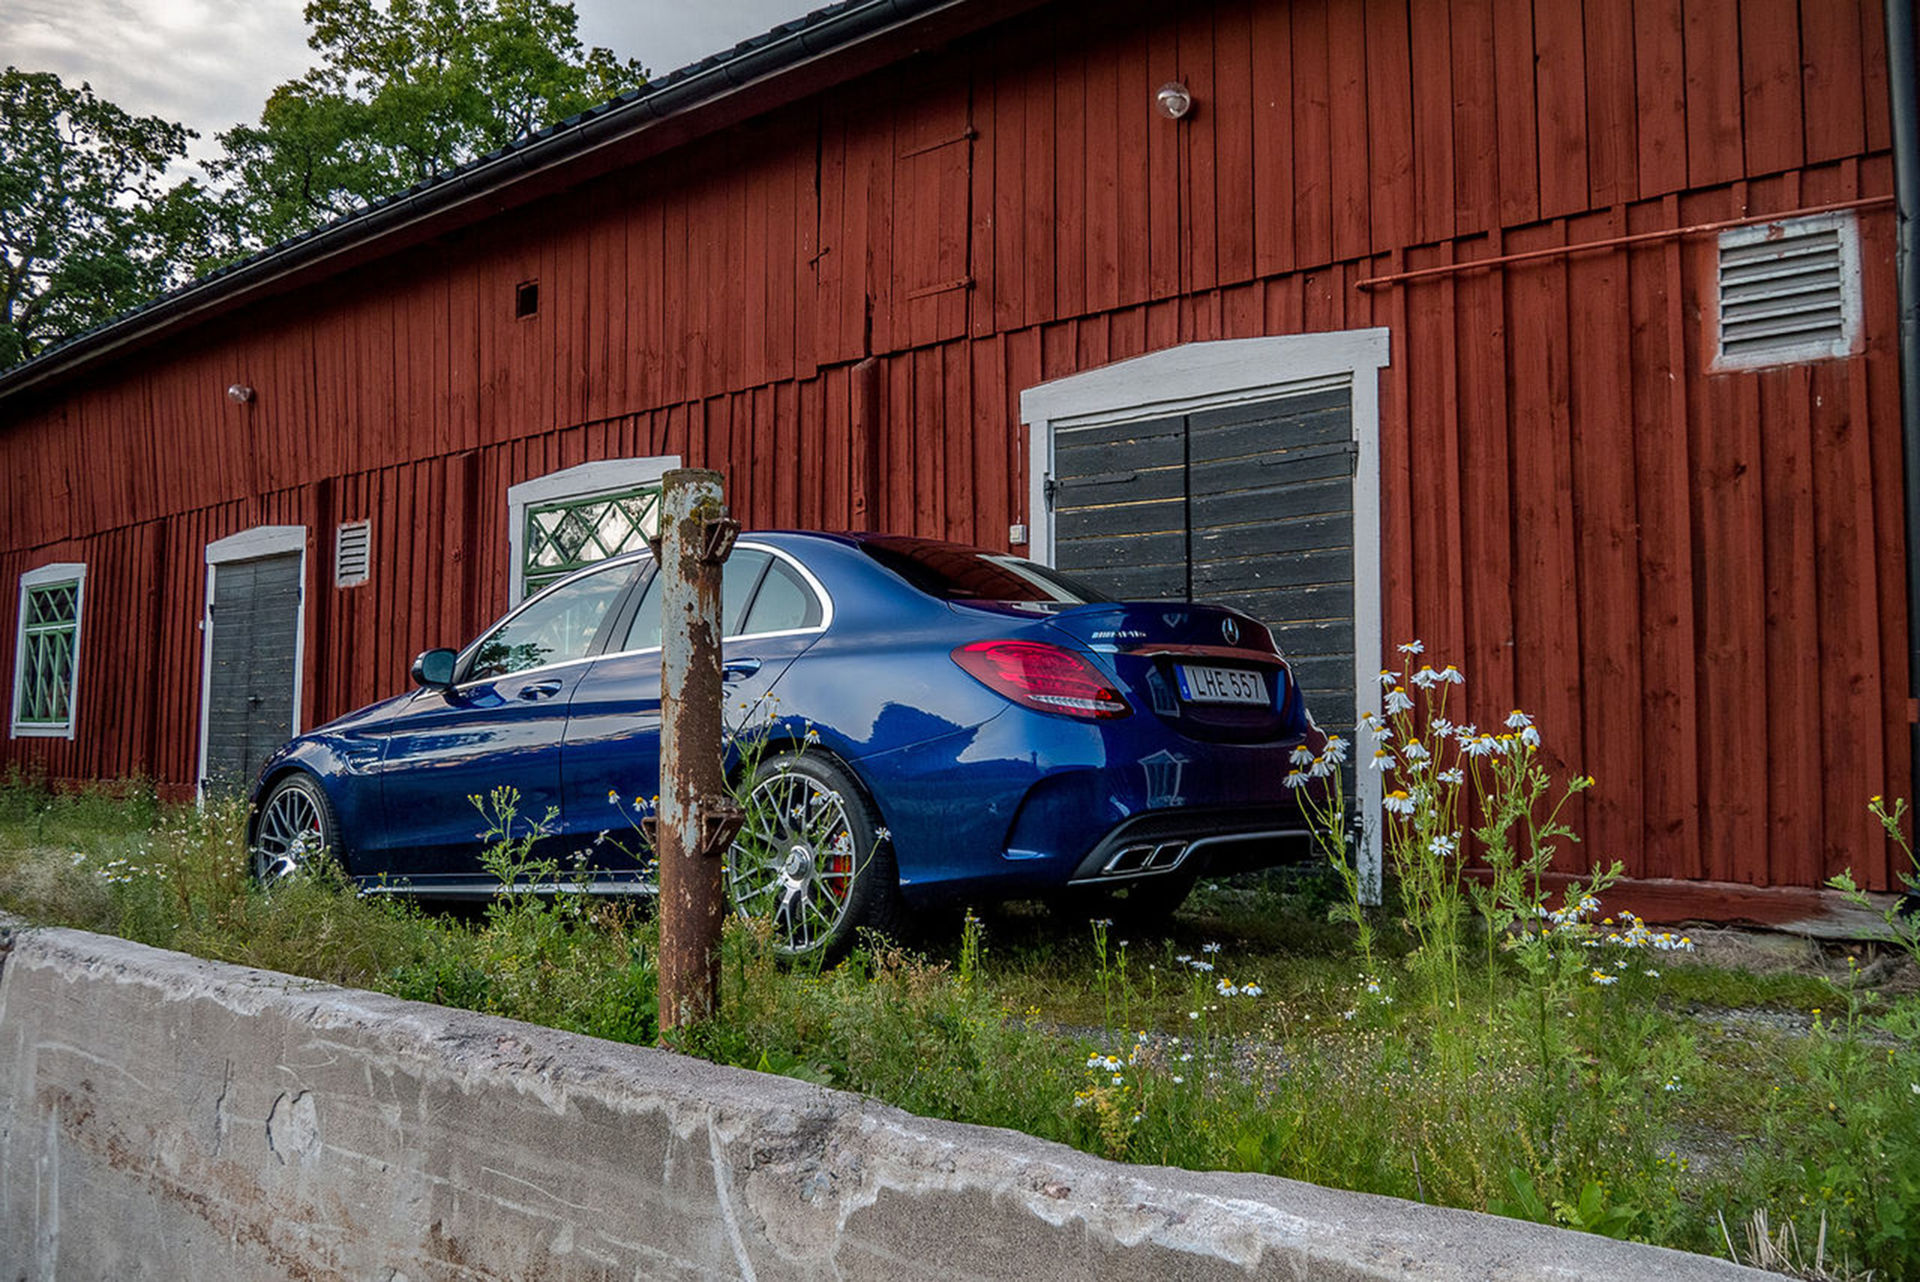 Mercedes-AMG C63 kommer att få turbofyra